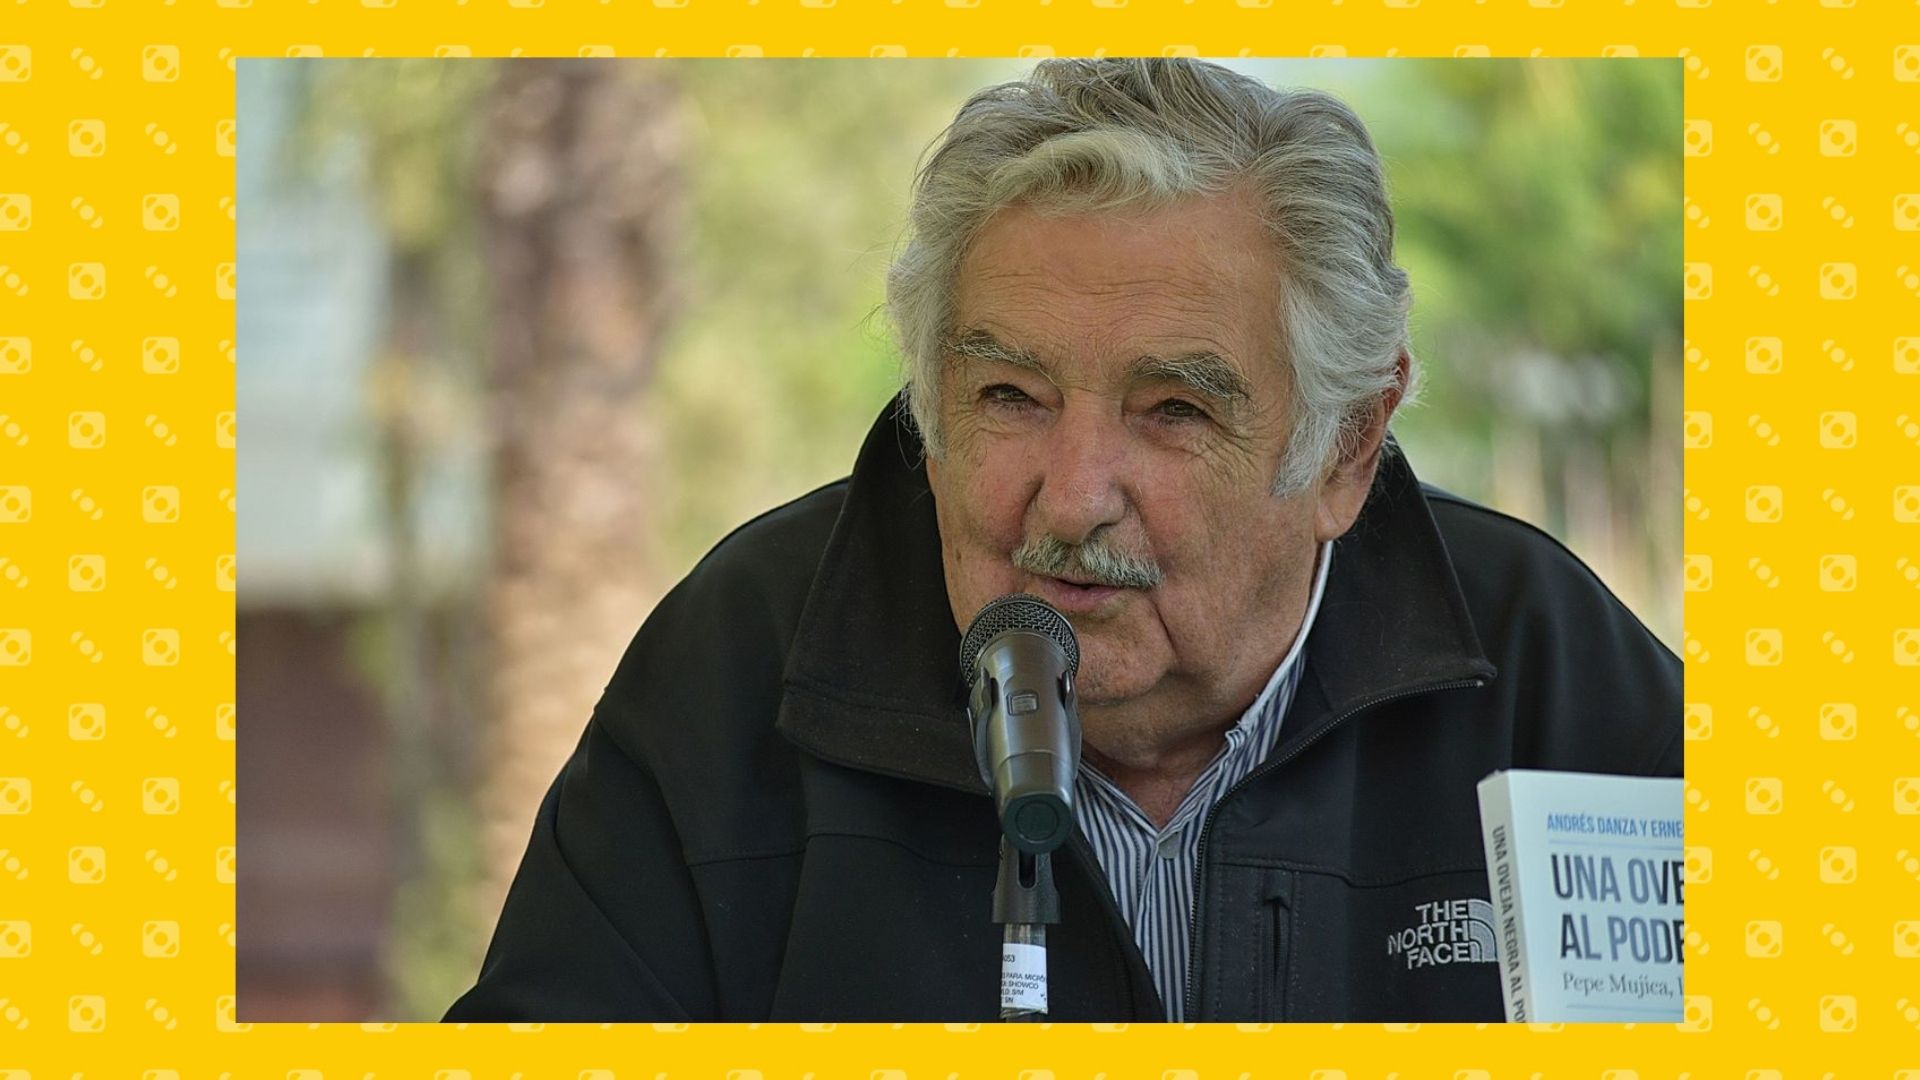 L'ex presidente uruguaiano Pepe Mujica si ritira dalla politica